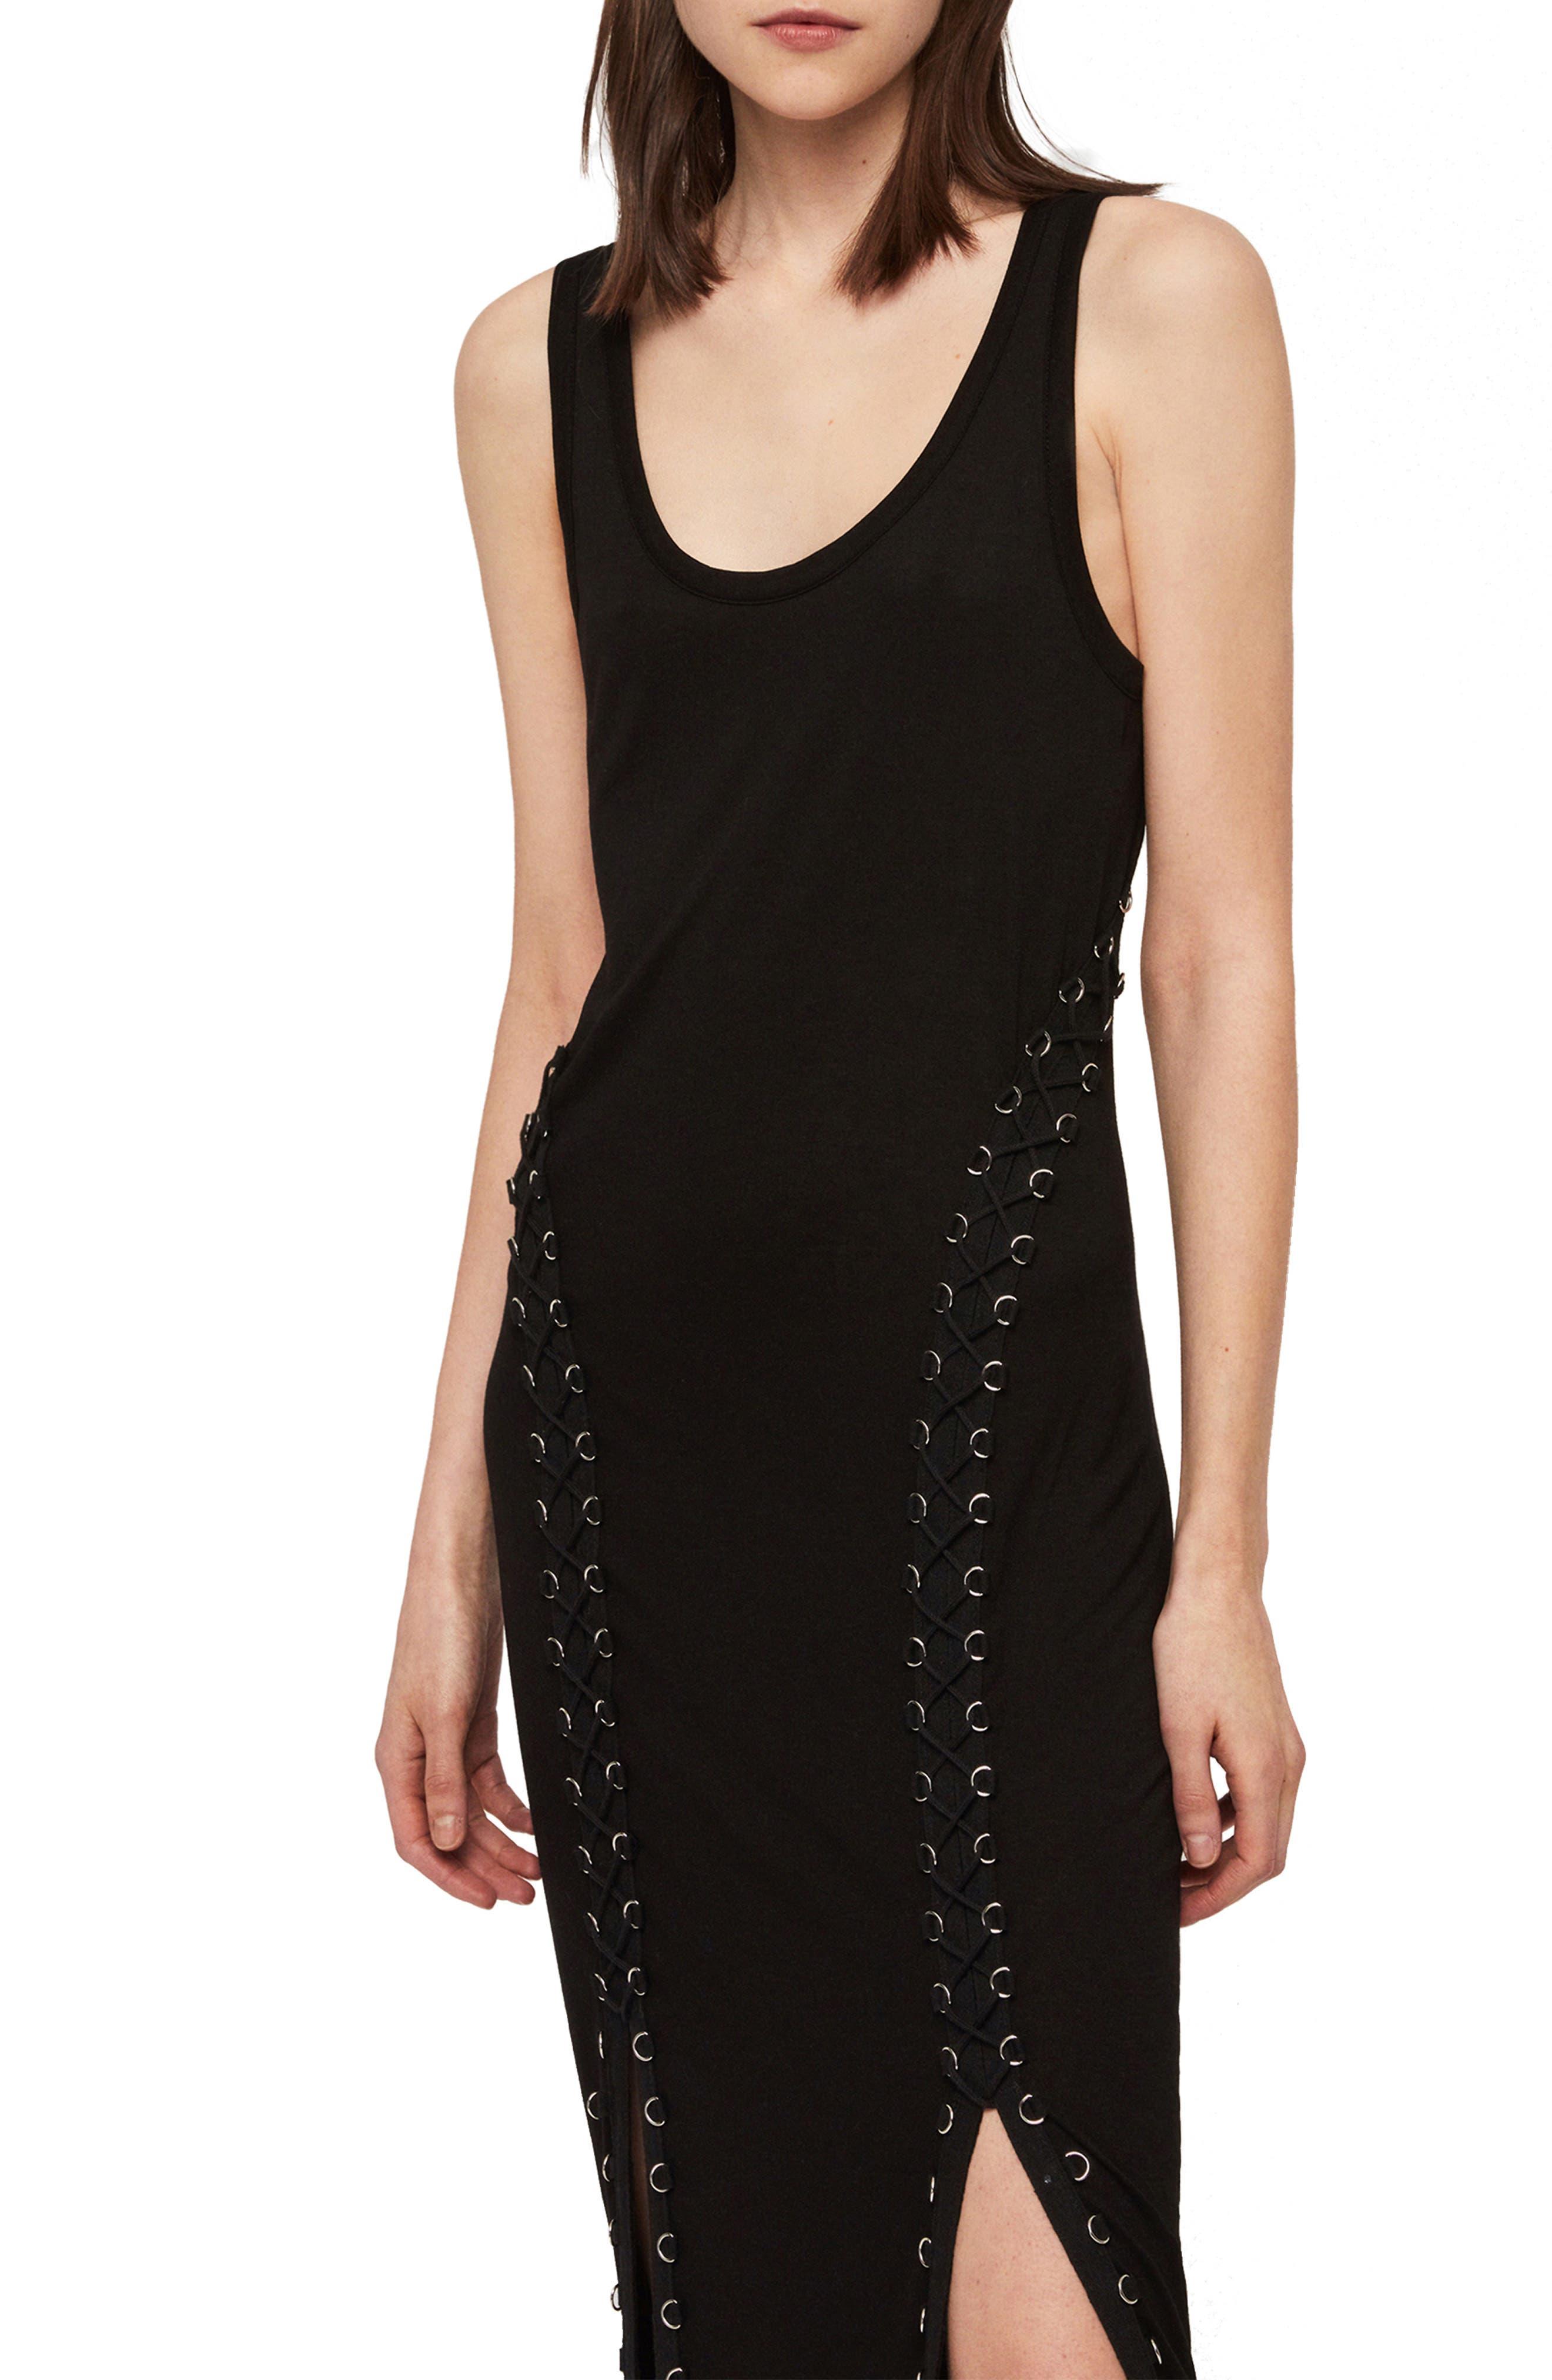 ALLSAINTS, Daner Lace-Up Side Maxi Dress, Alternate thumbnail 5, color, BLACK